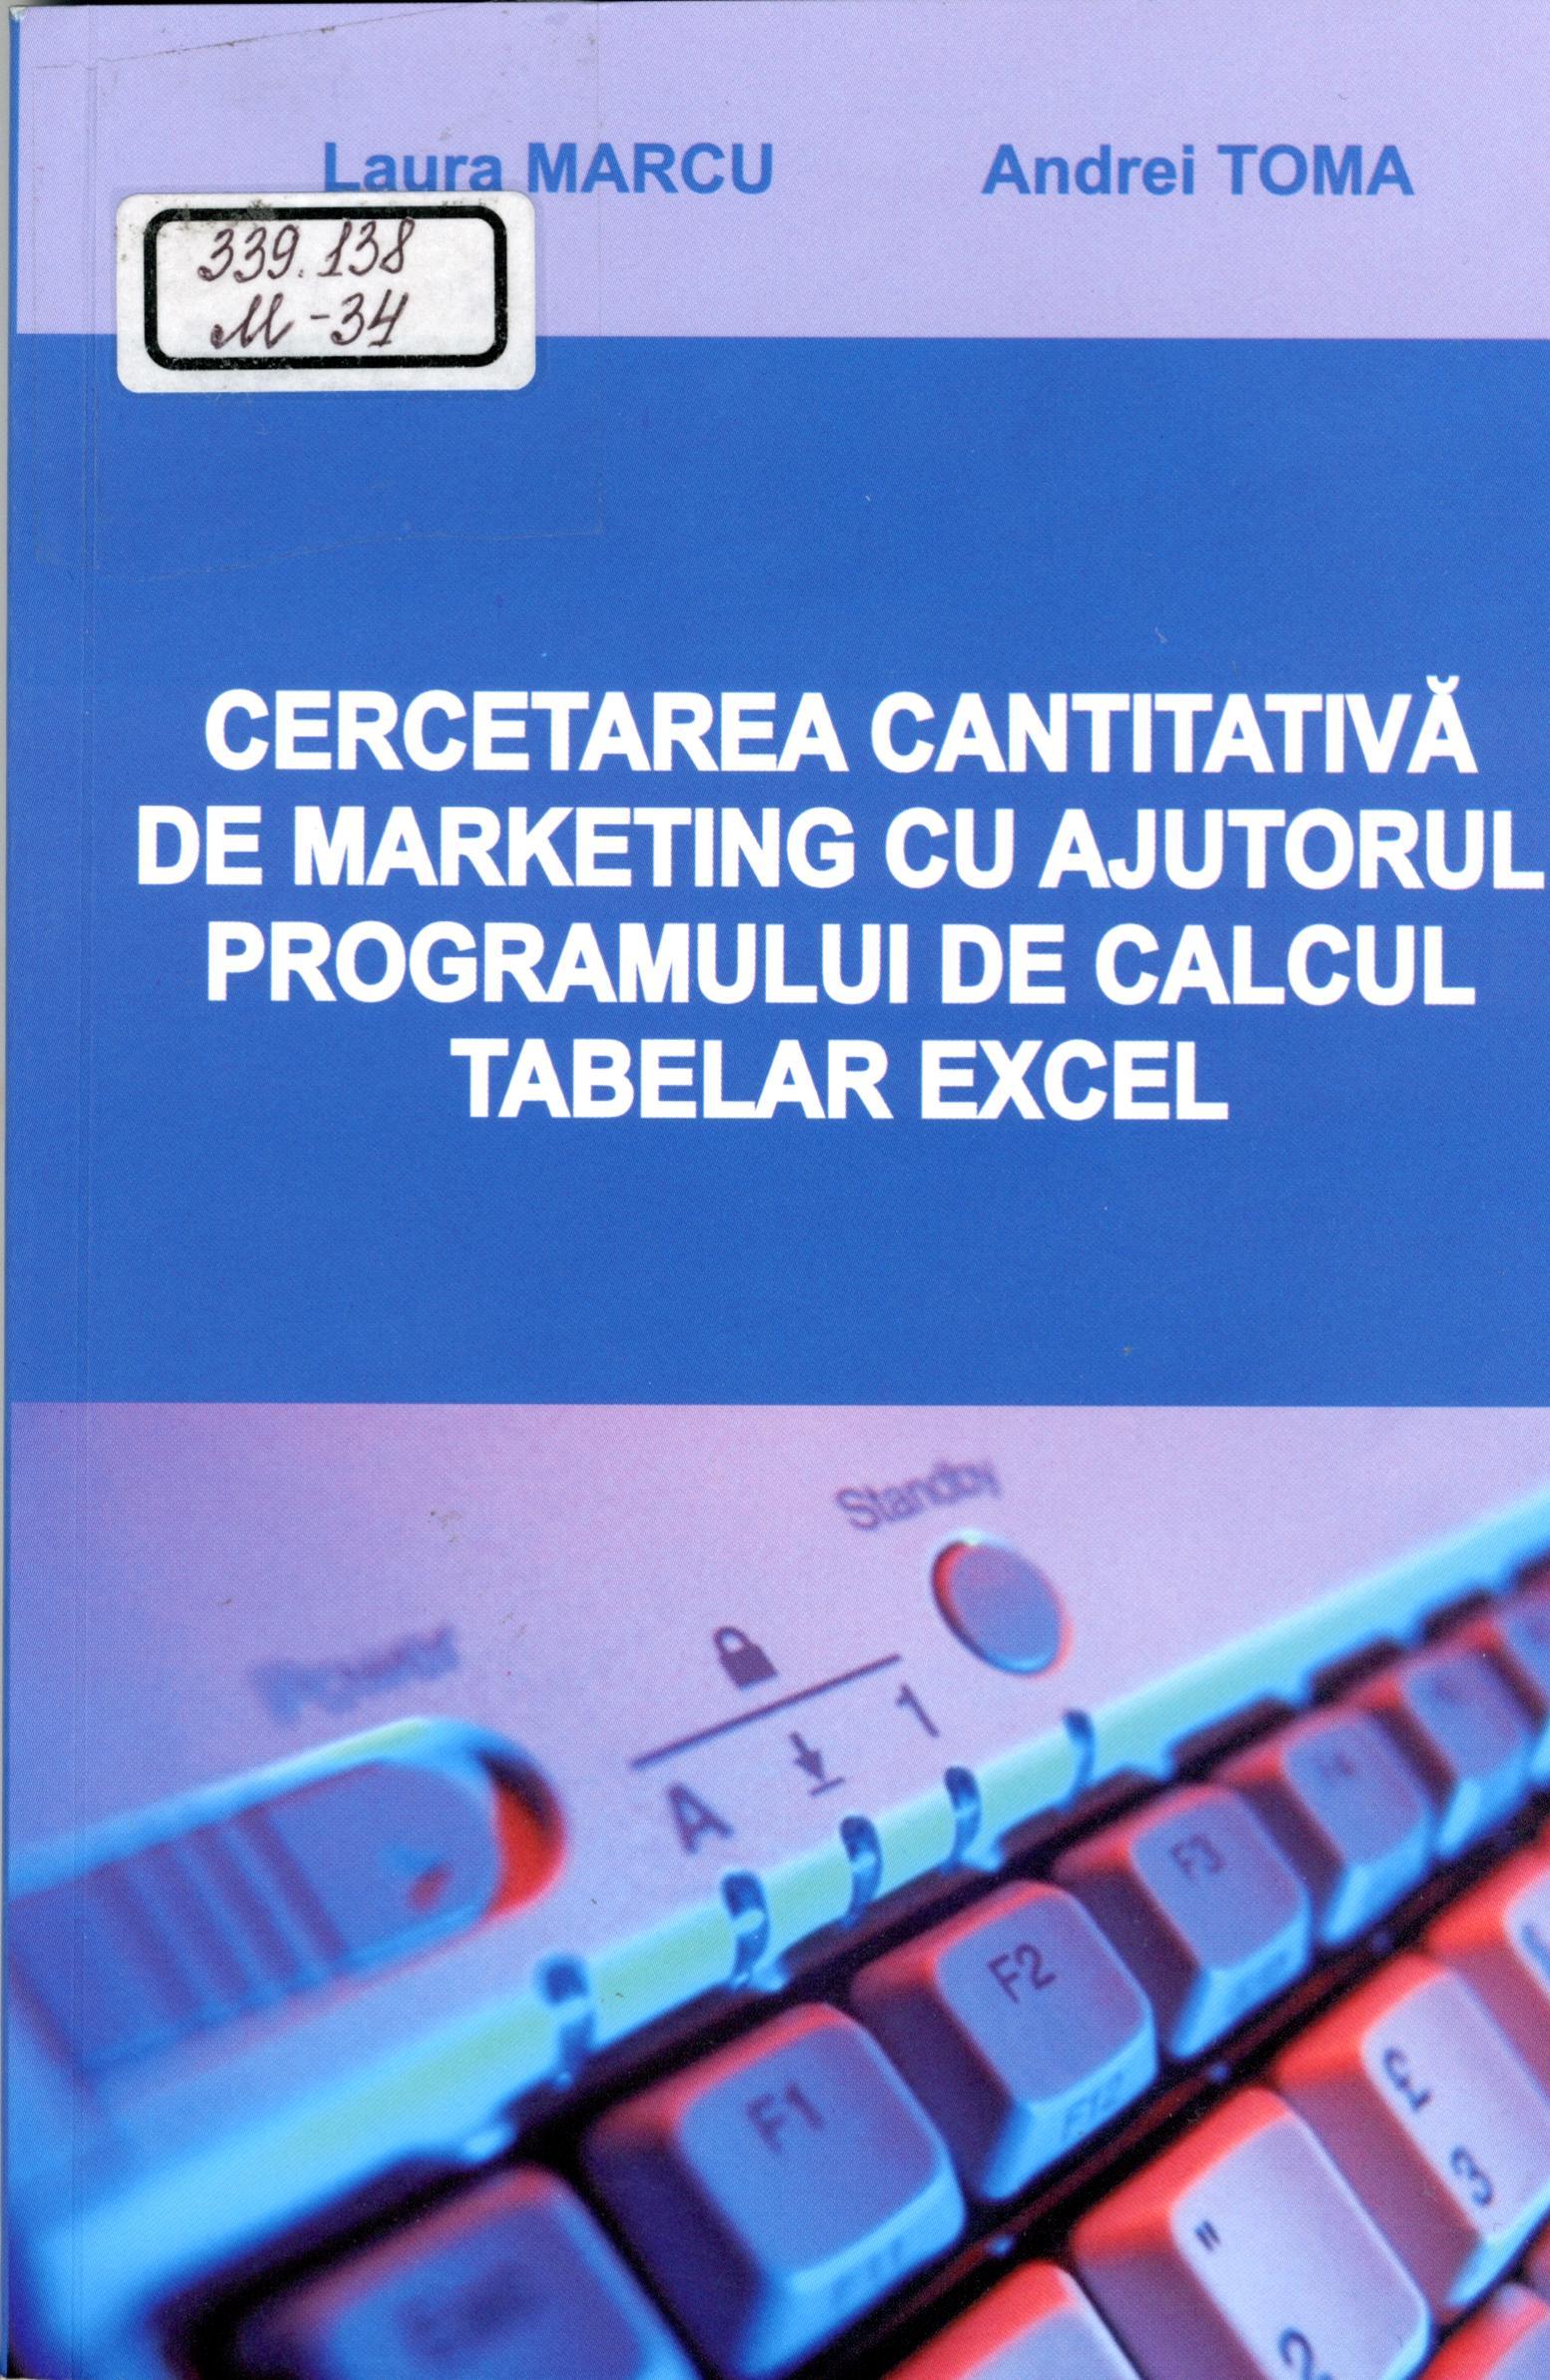 Cercetarea cantitativă de marketing cu ajutorul programului de calcul tabelar excel